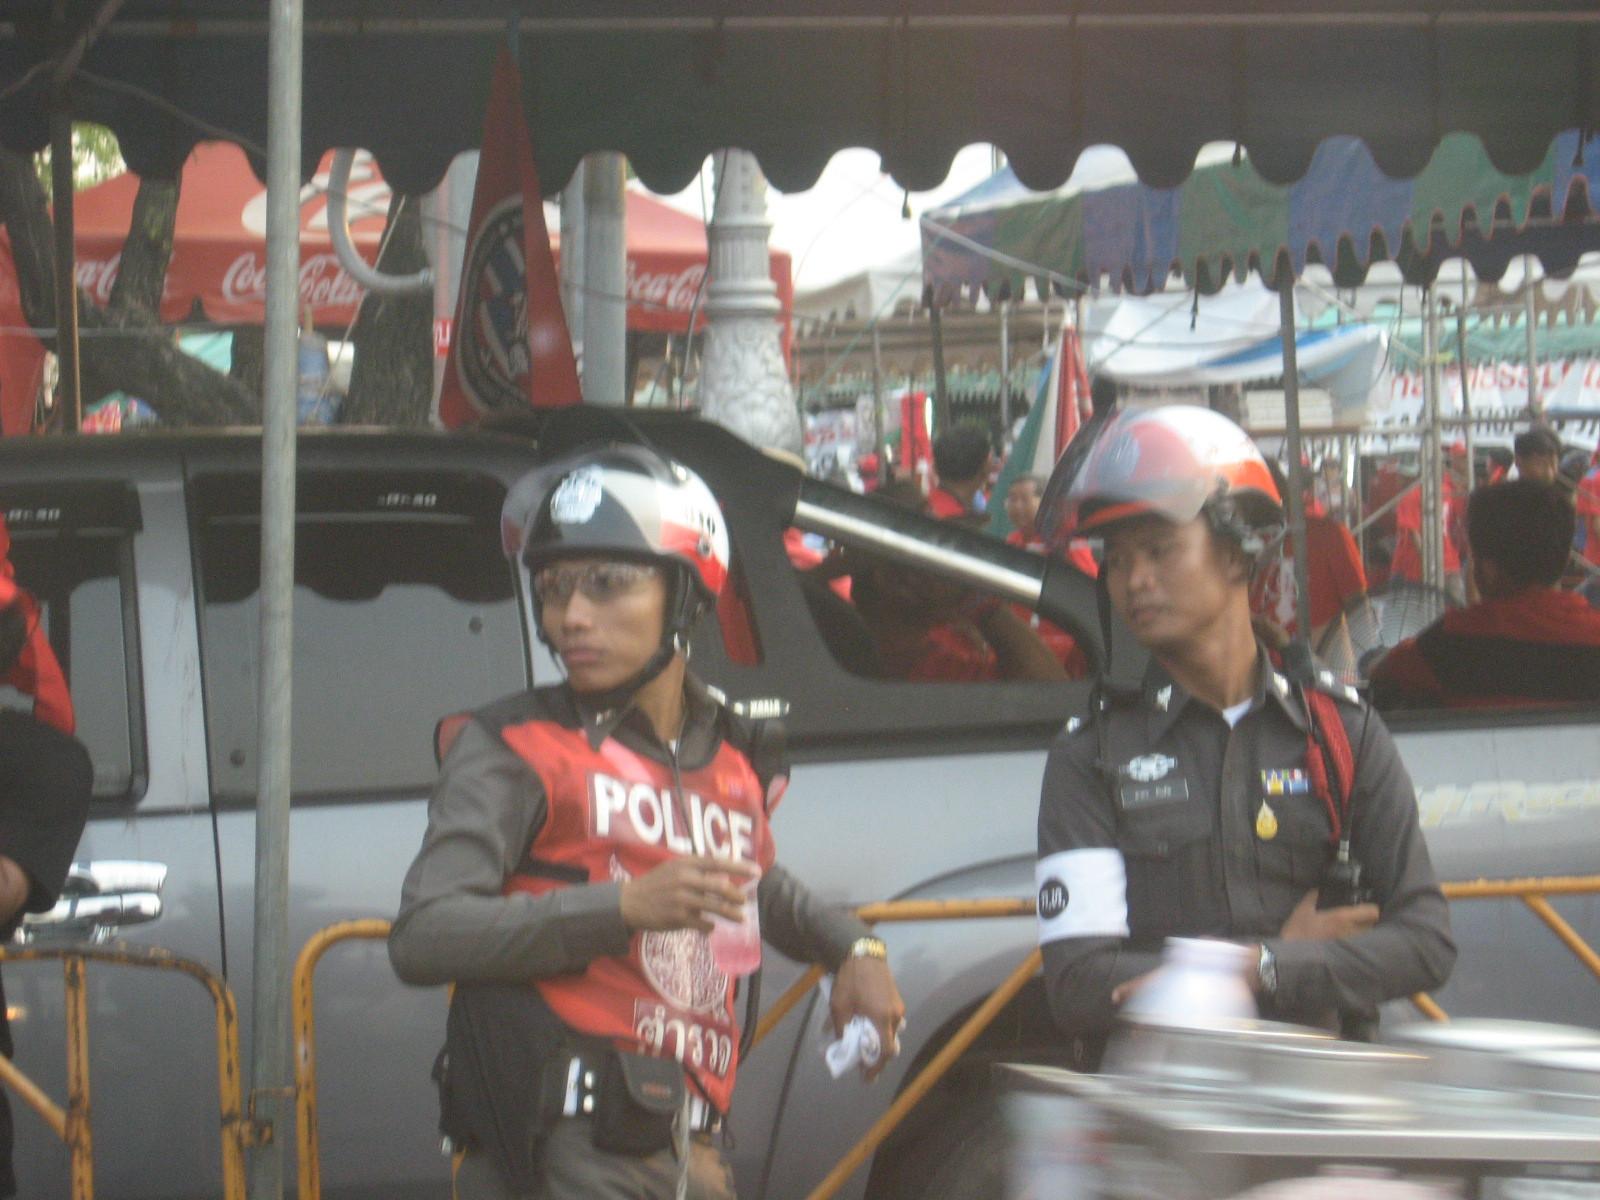 Hot Bangkok (28 March 2010)